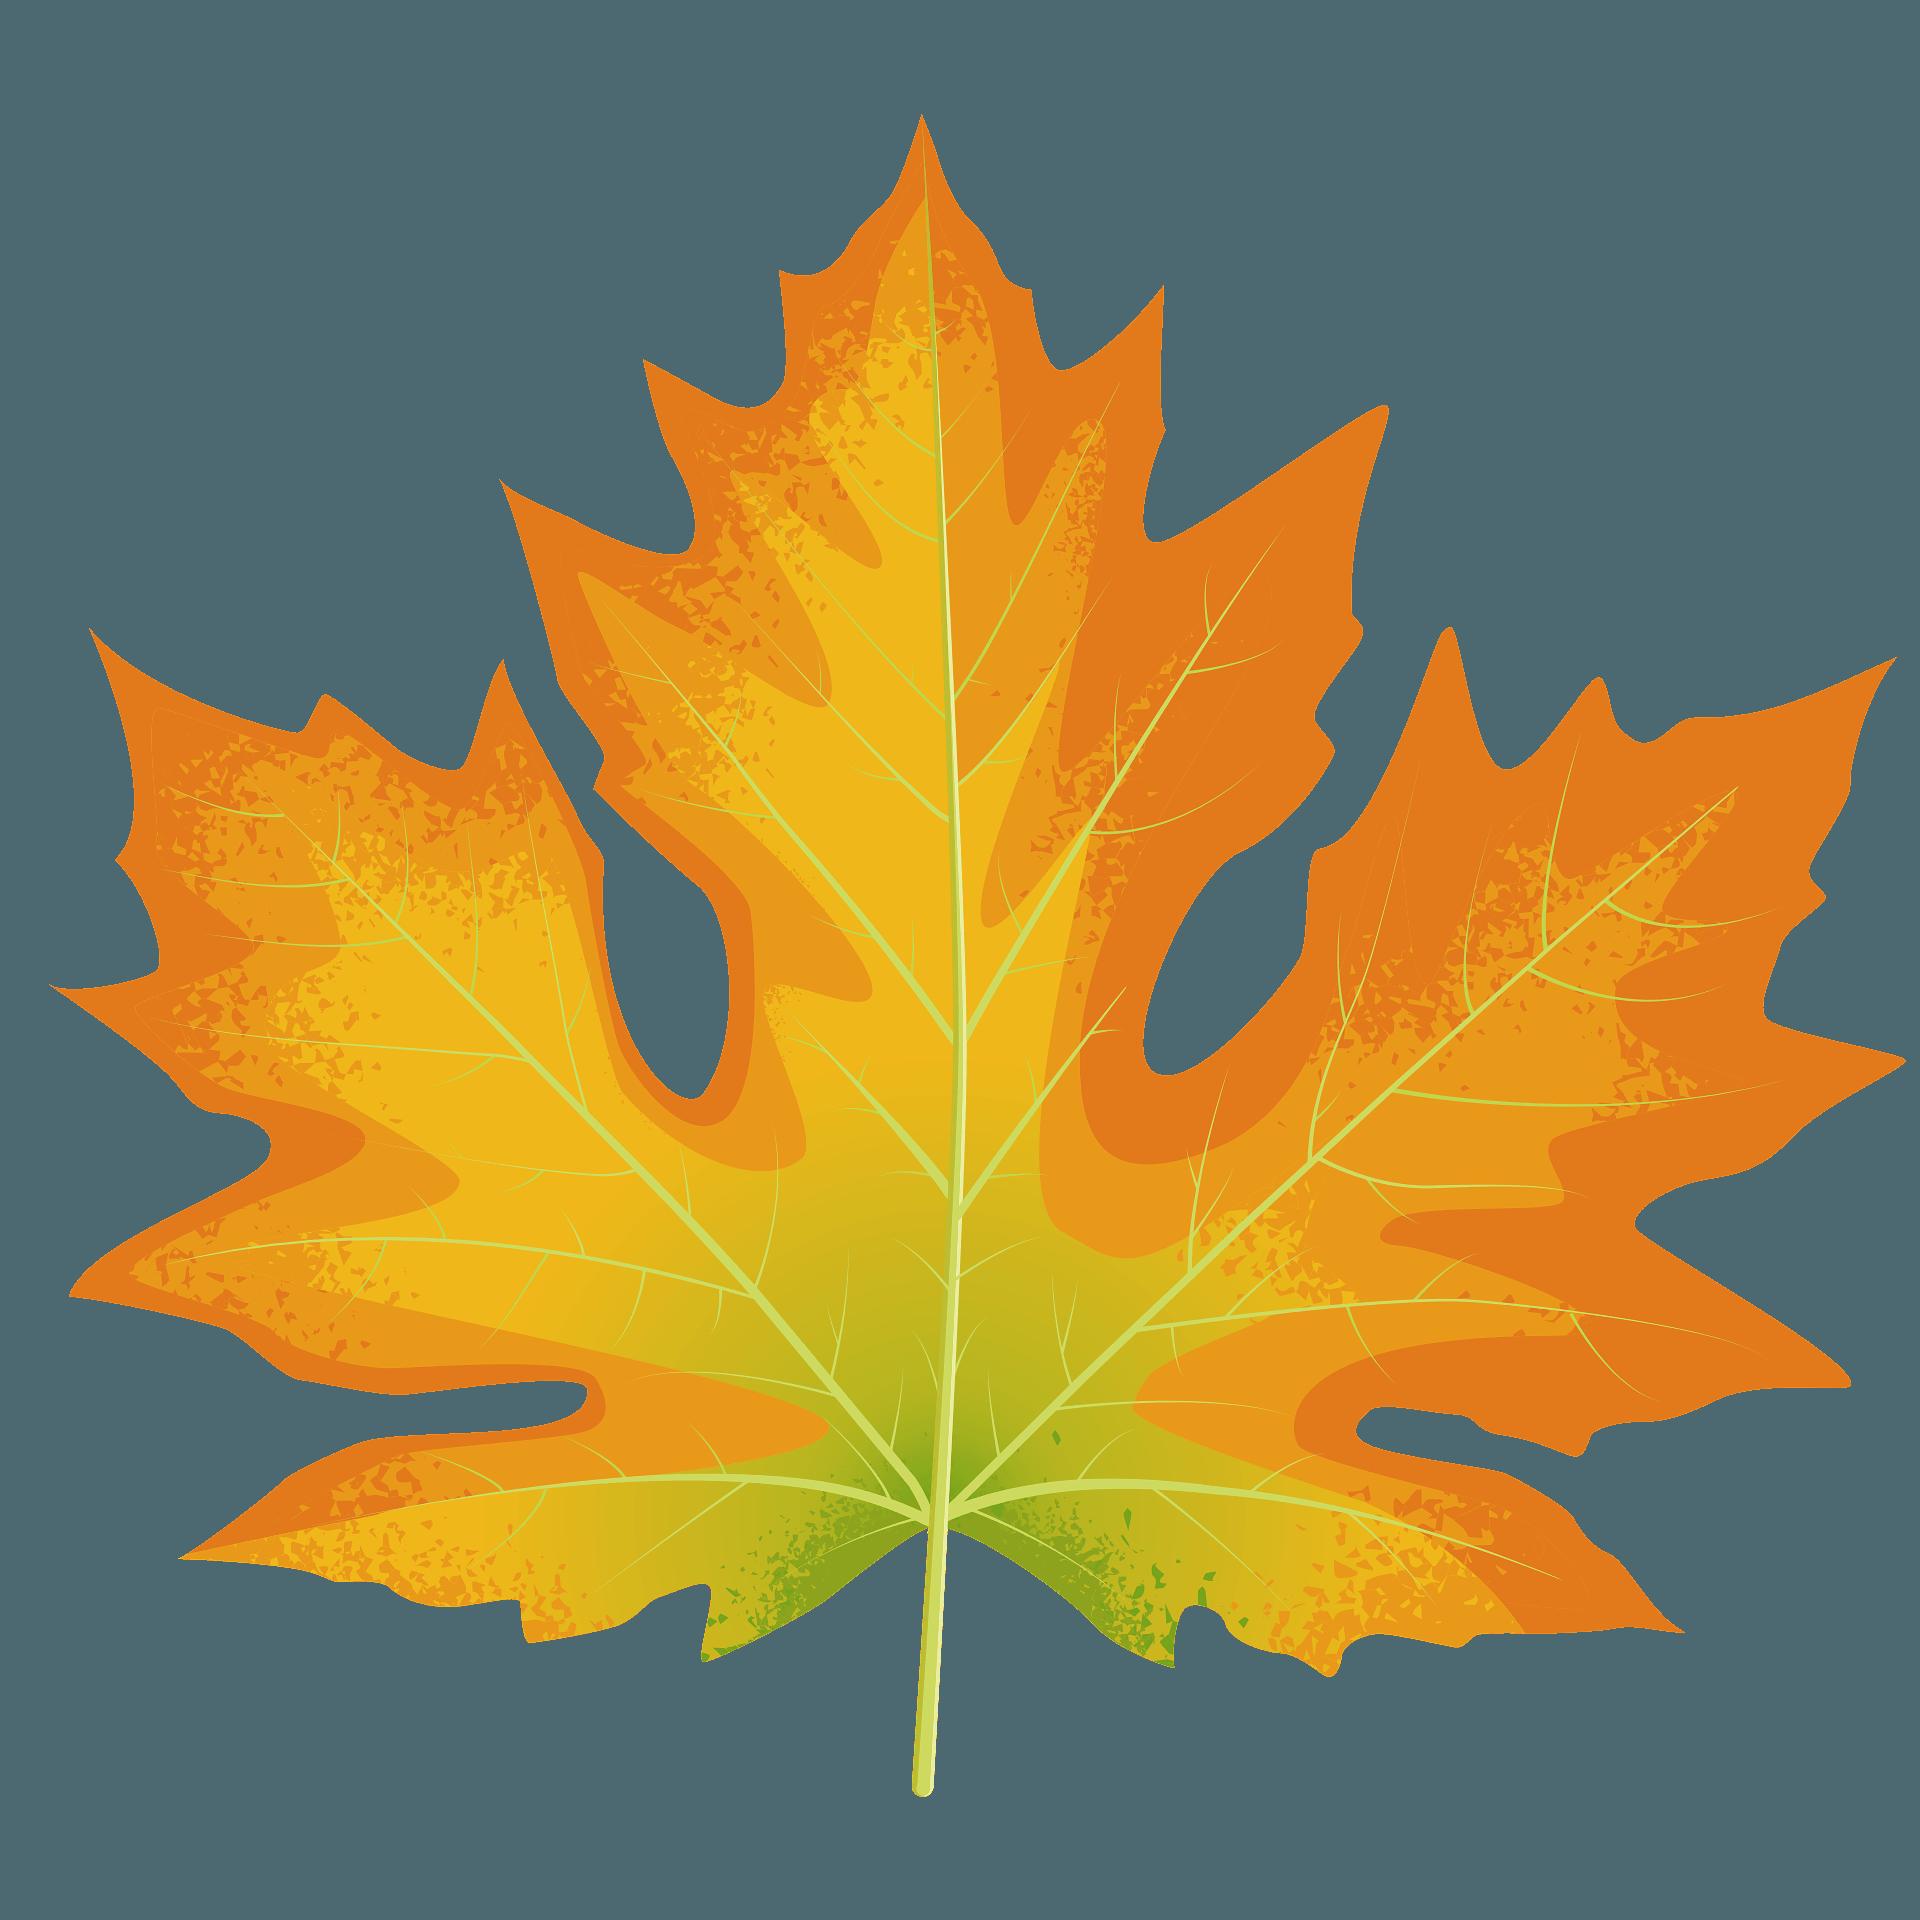 0-4411_autumn-clipart-autumn-maple-tree-fall-tree-clip-art - Snyder Public  LibrarySnyder Public Library